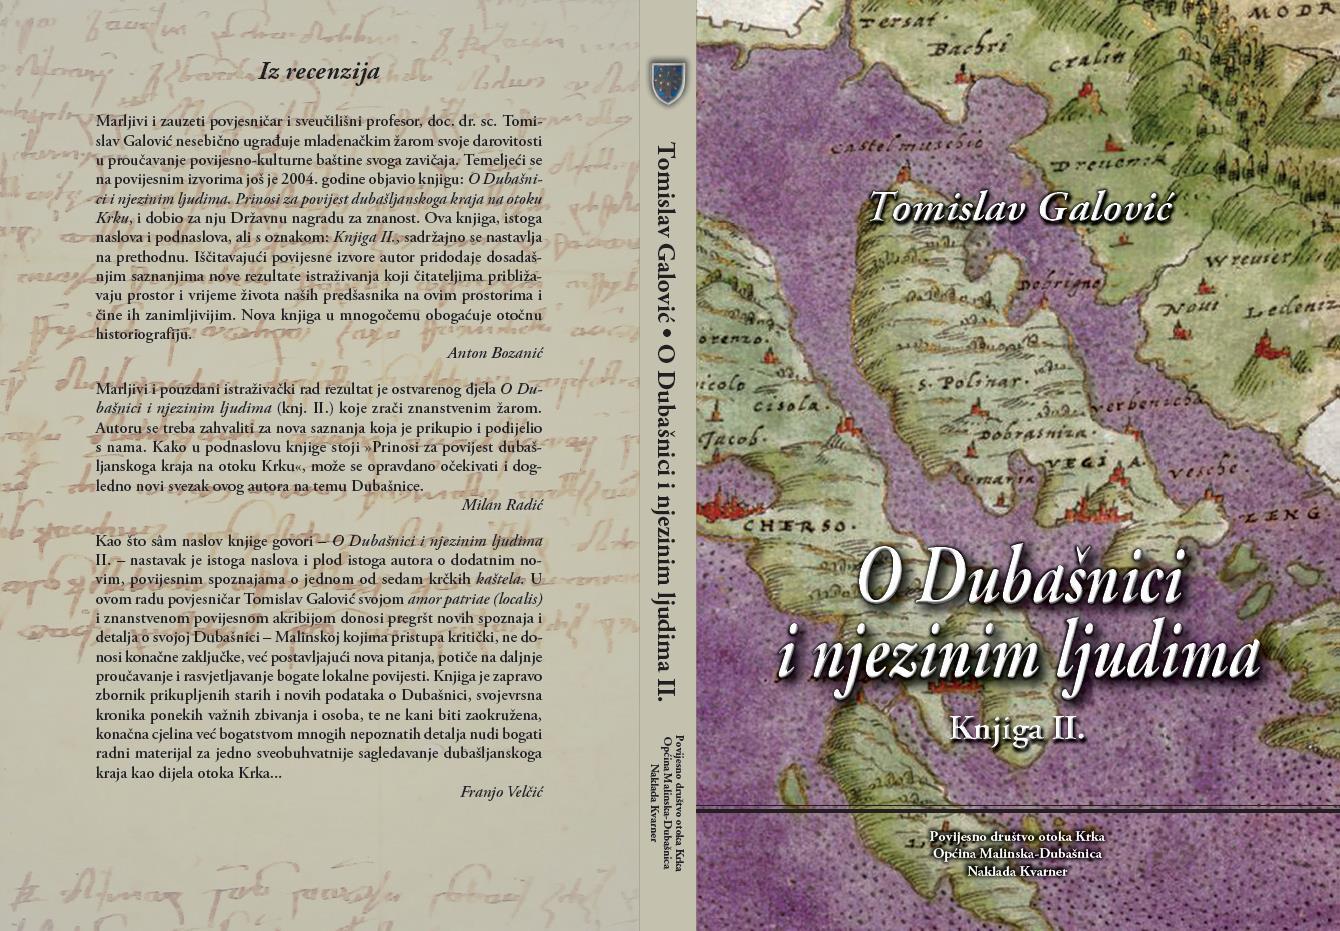 """Predstavljanje knjige """"O Dubašnici i njenim ljudima – prinosi za povijest dubašljanskoga kraja na otoku Krku"""" (knjiga II.)"""